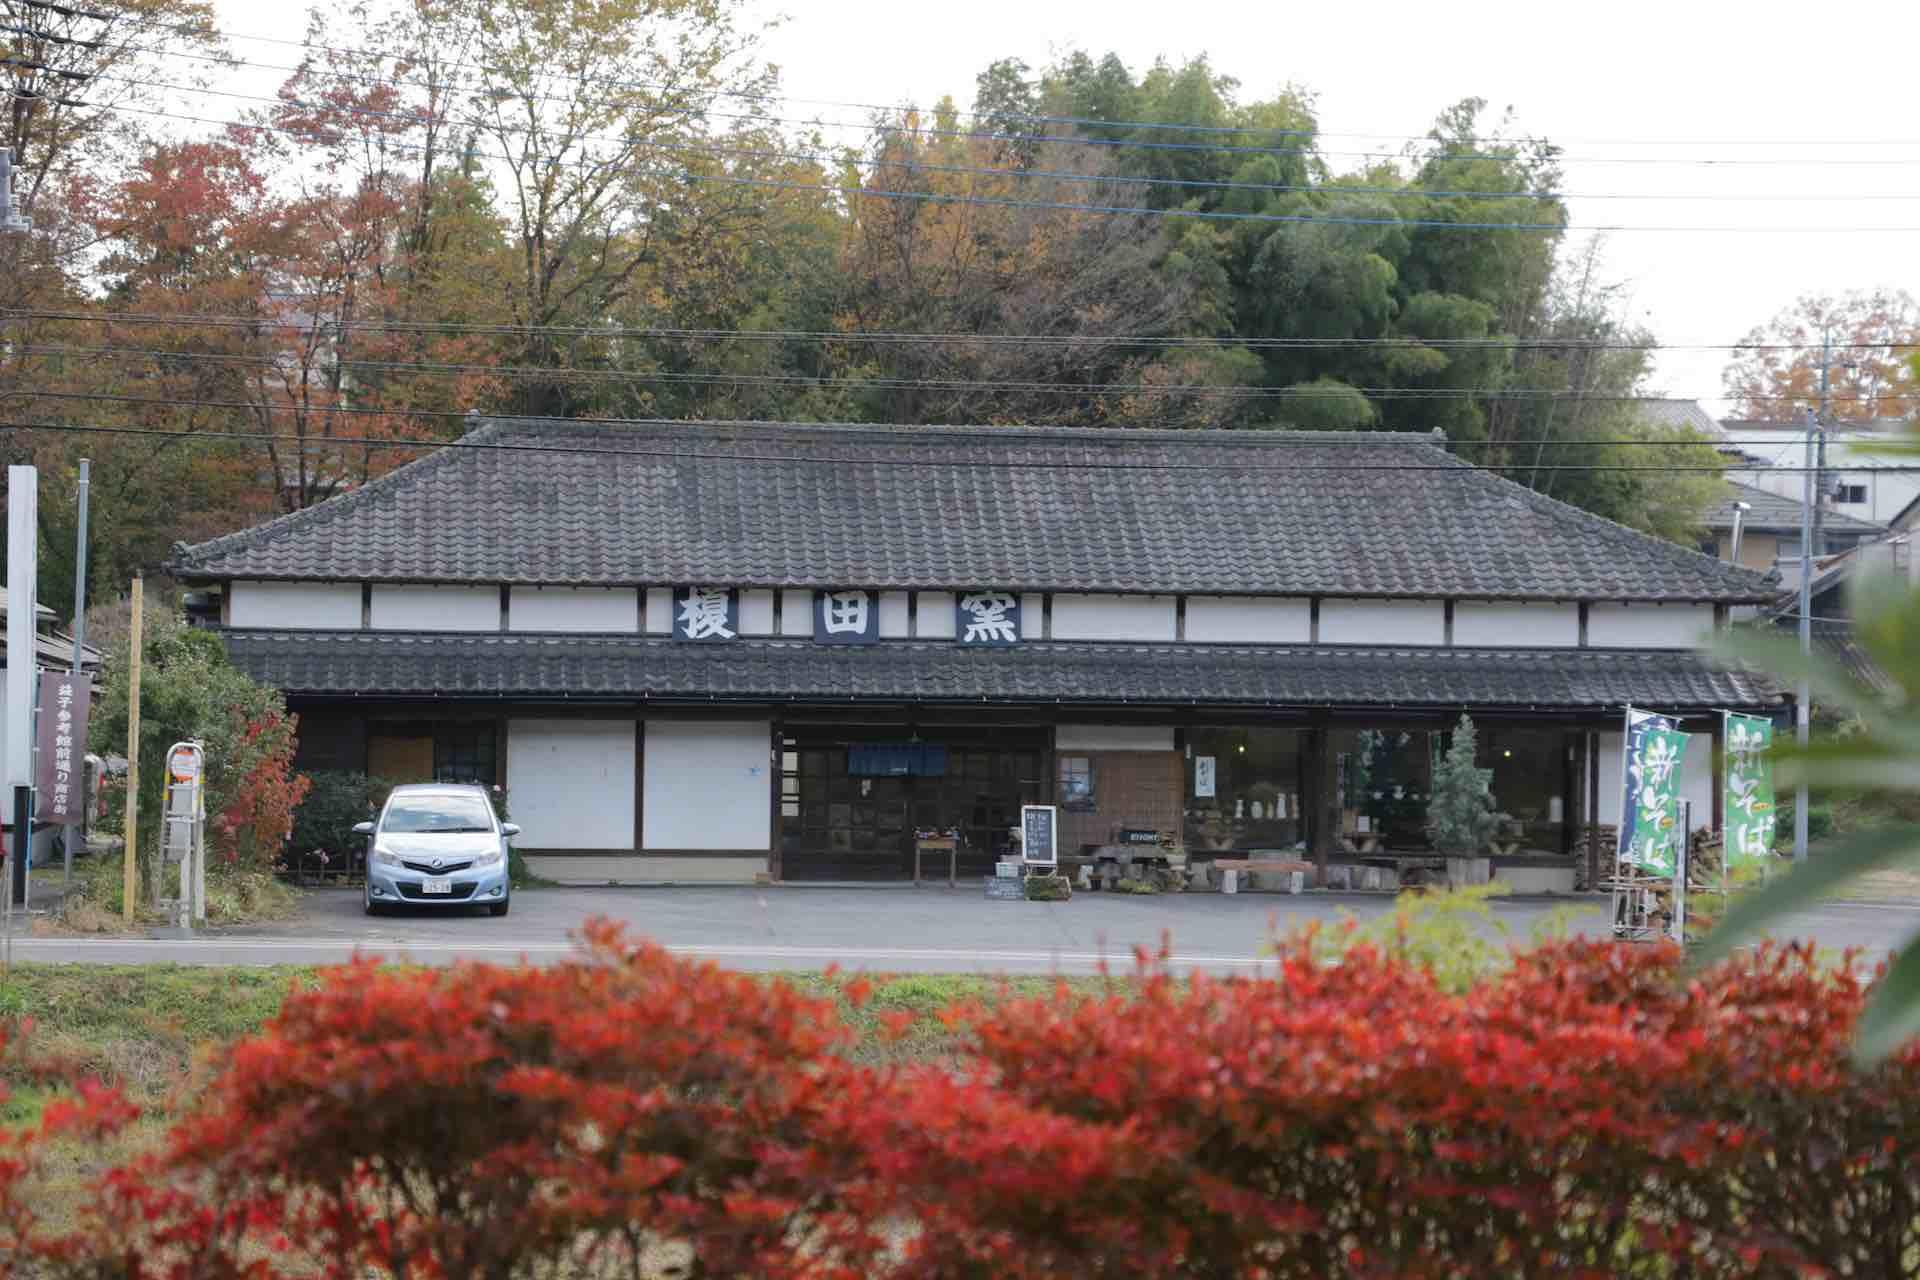 益子に民藝運動をもたらした陶芸家、濱田庄司ゆかりの「益子参考館」からもほど近い